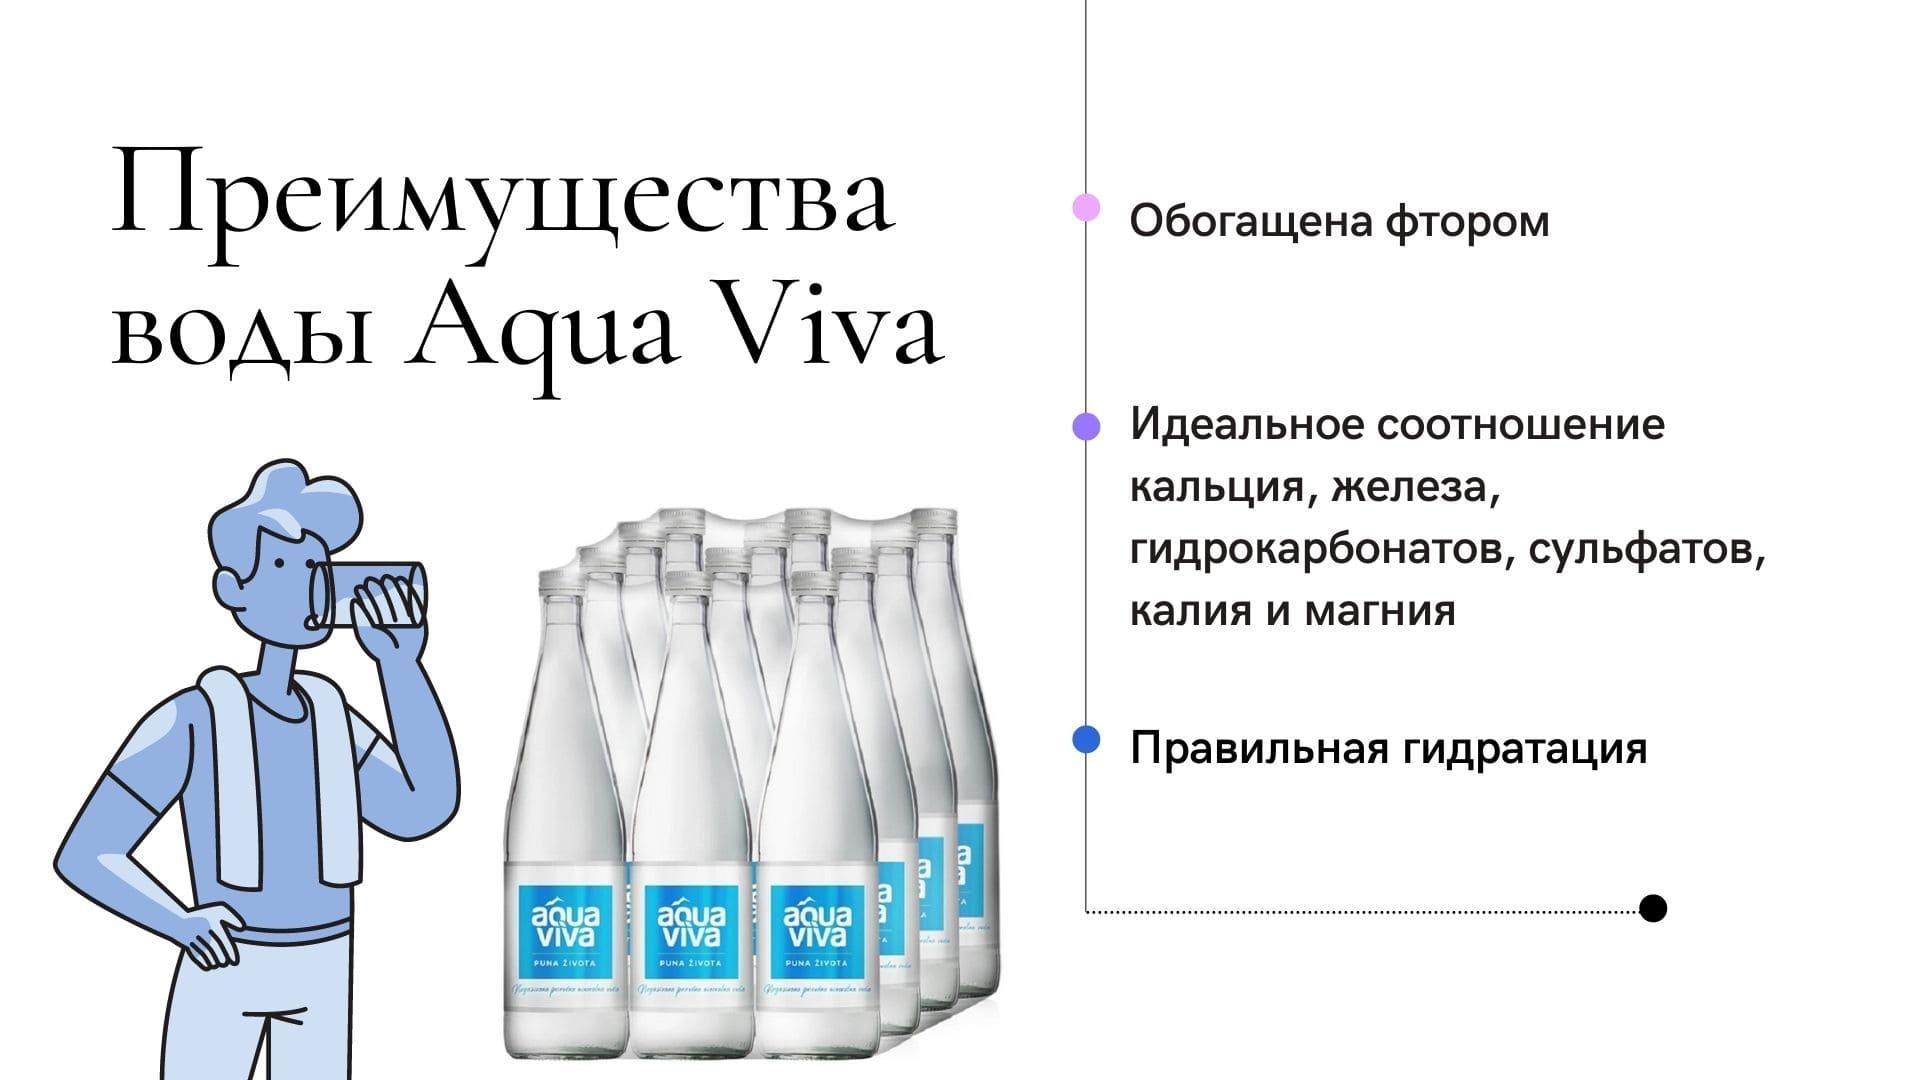 Бренд Аква Вива преимущества воды